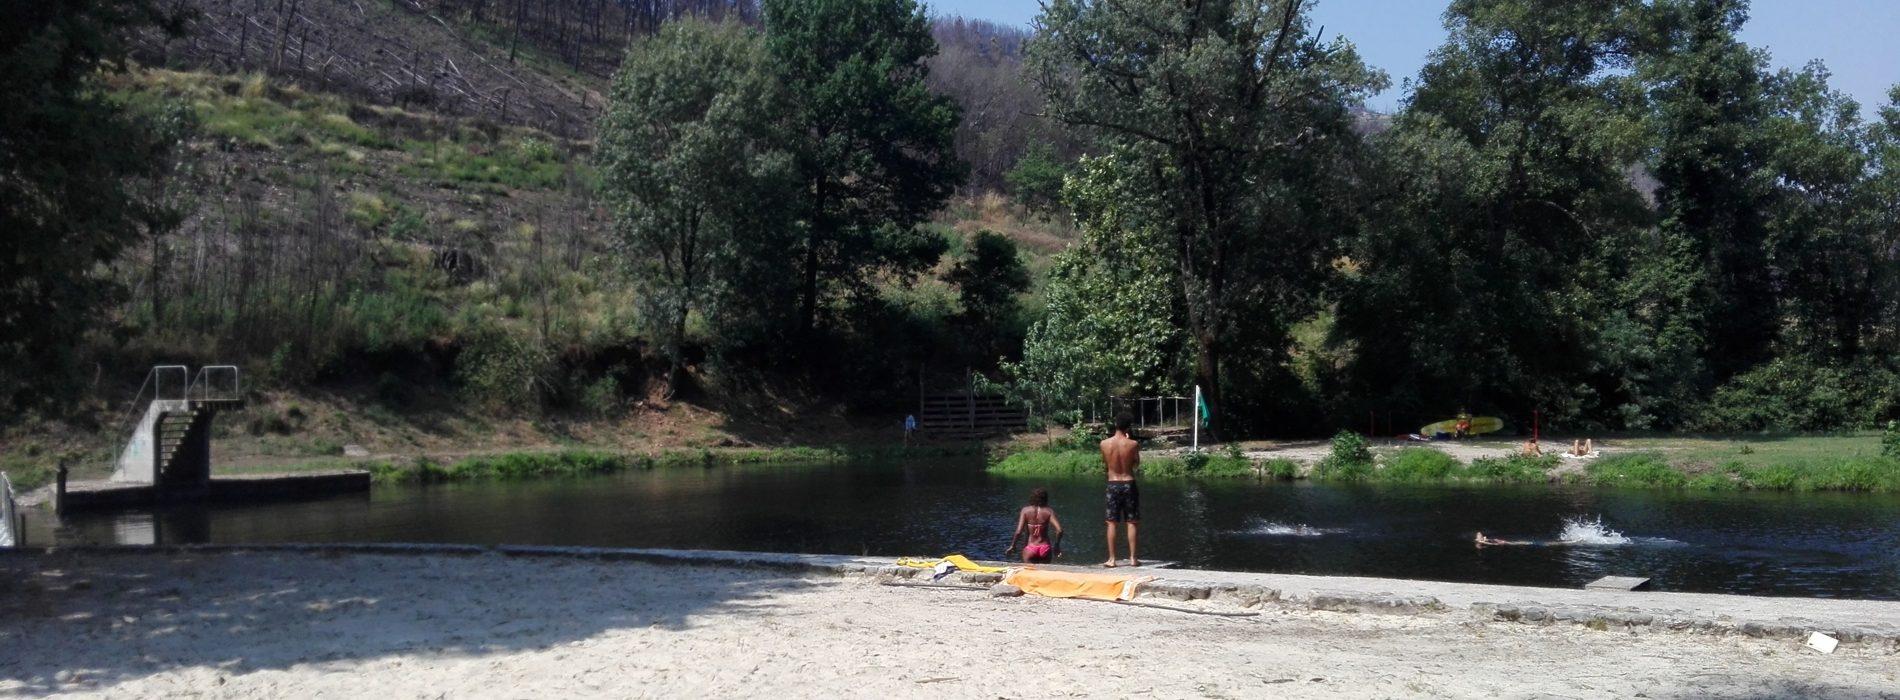 S. Gião é a nova praia fluvial classificada no concelho de Oliveira do Hospital